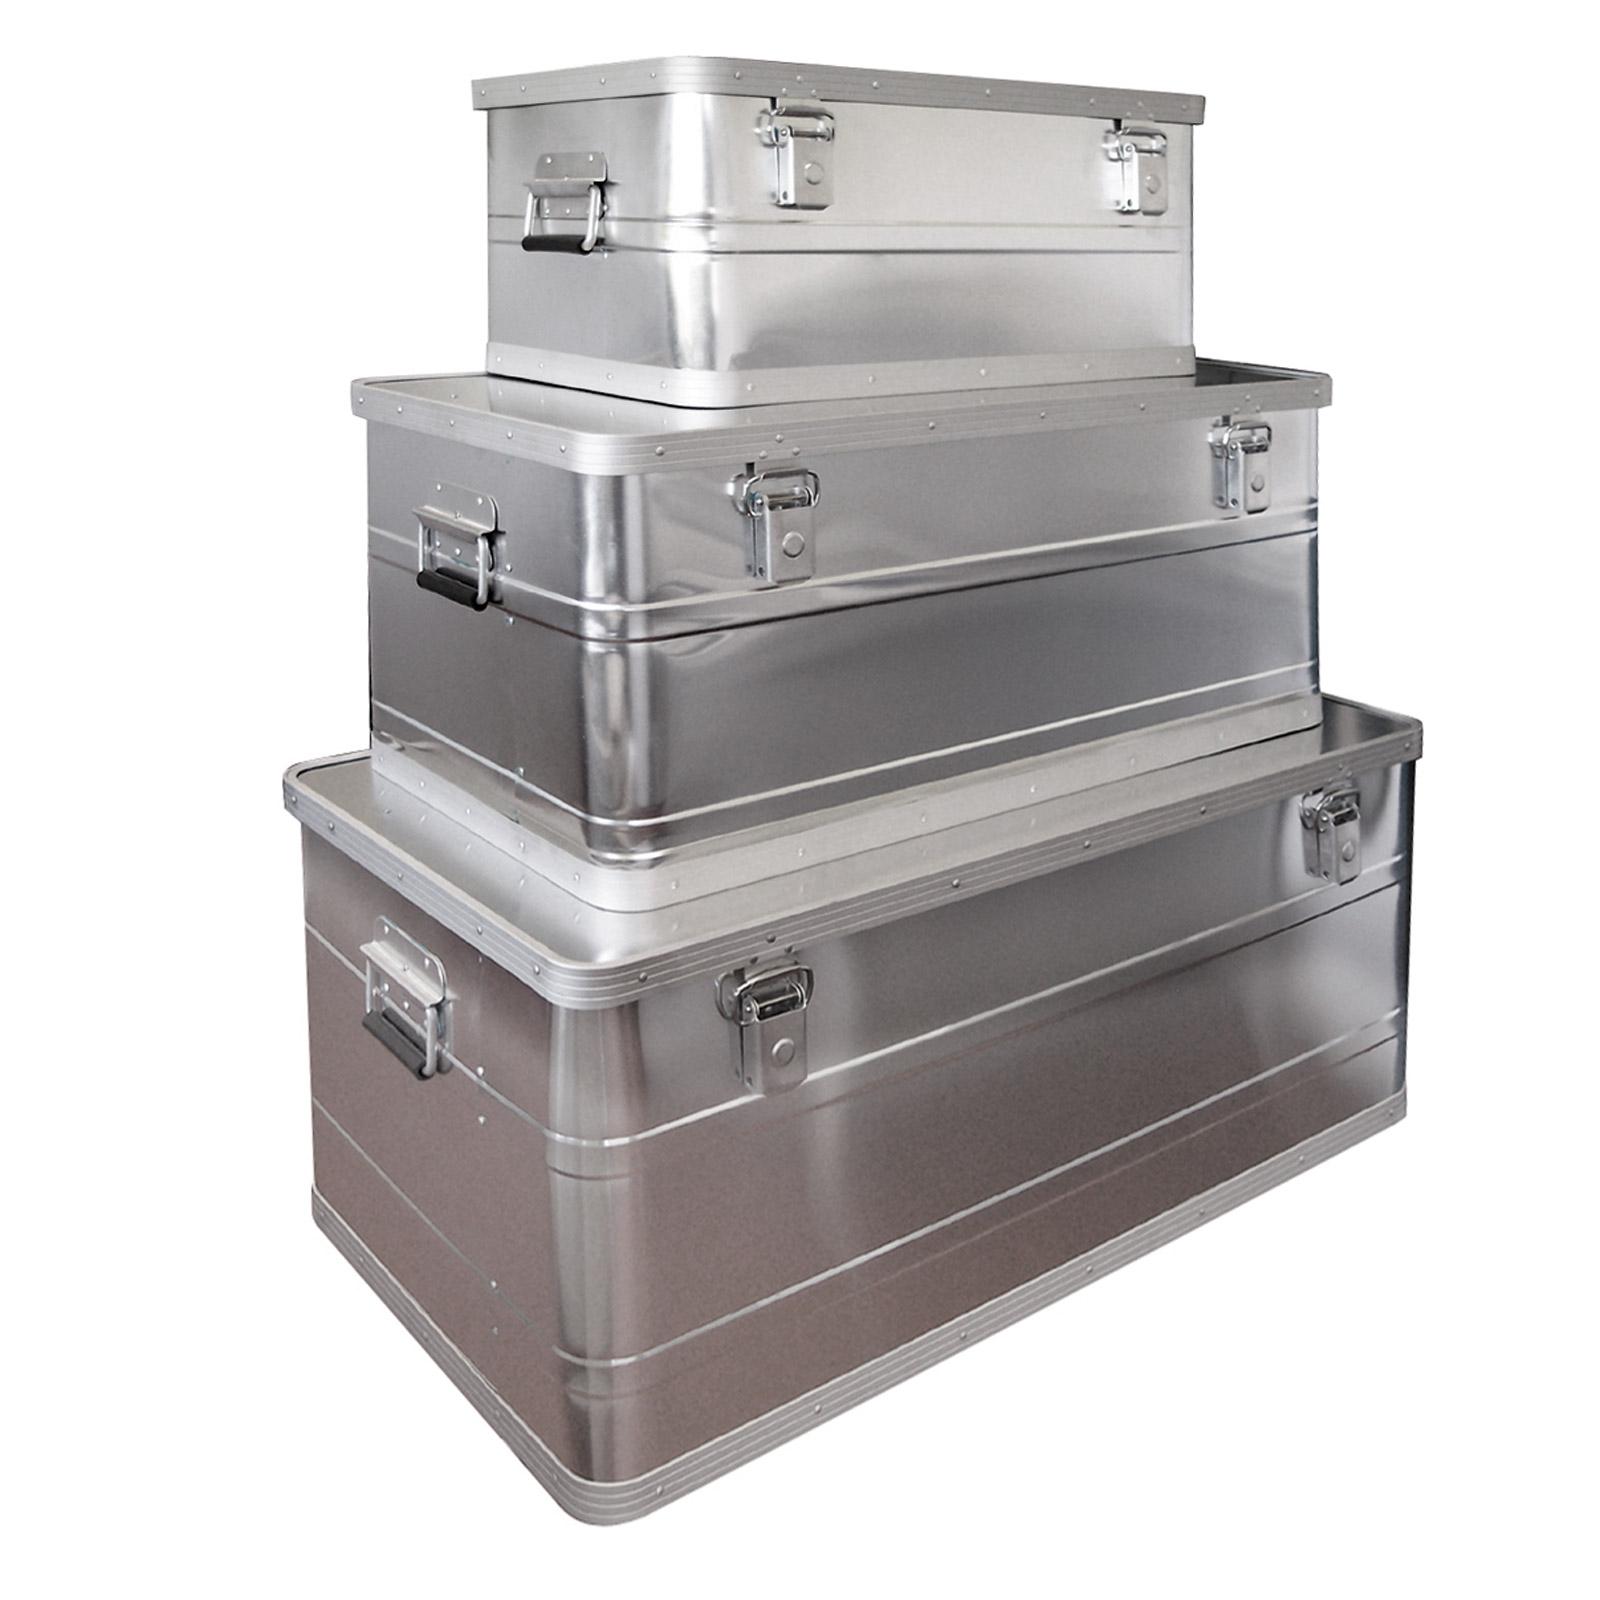 3er set werkzeugkiste werkzeugkasten alubox alukiste alu boxen neu 915828 ebay. Black Bedroom Furniture Sets. Home Design Ideas